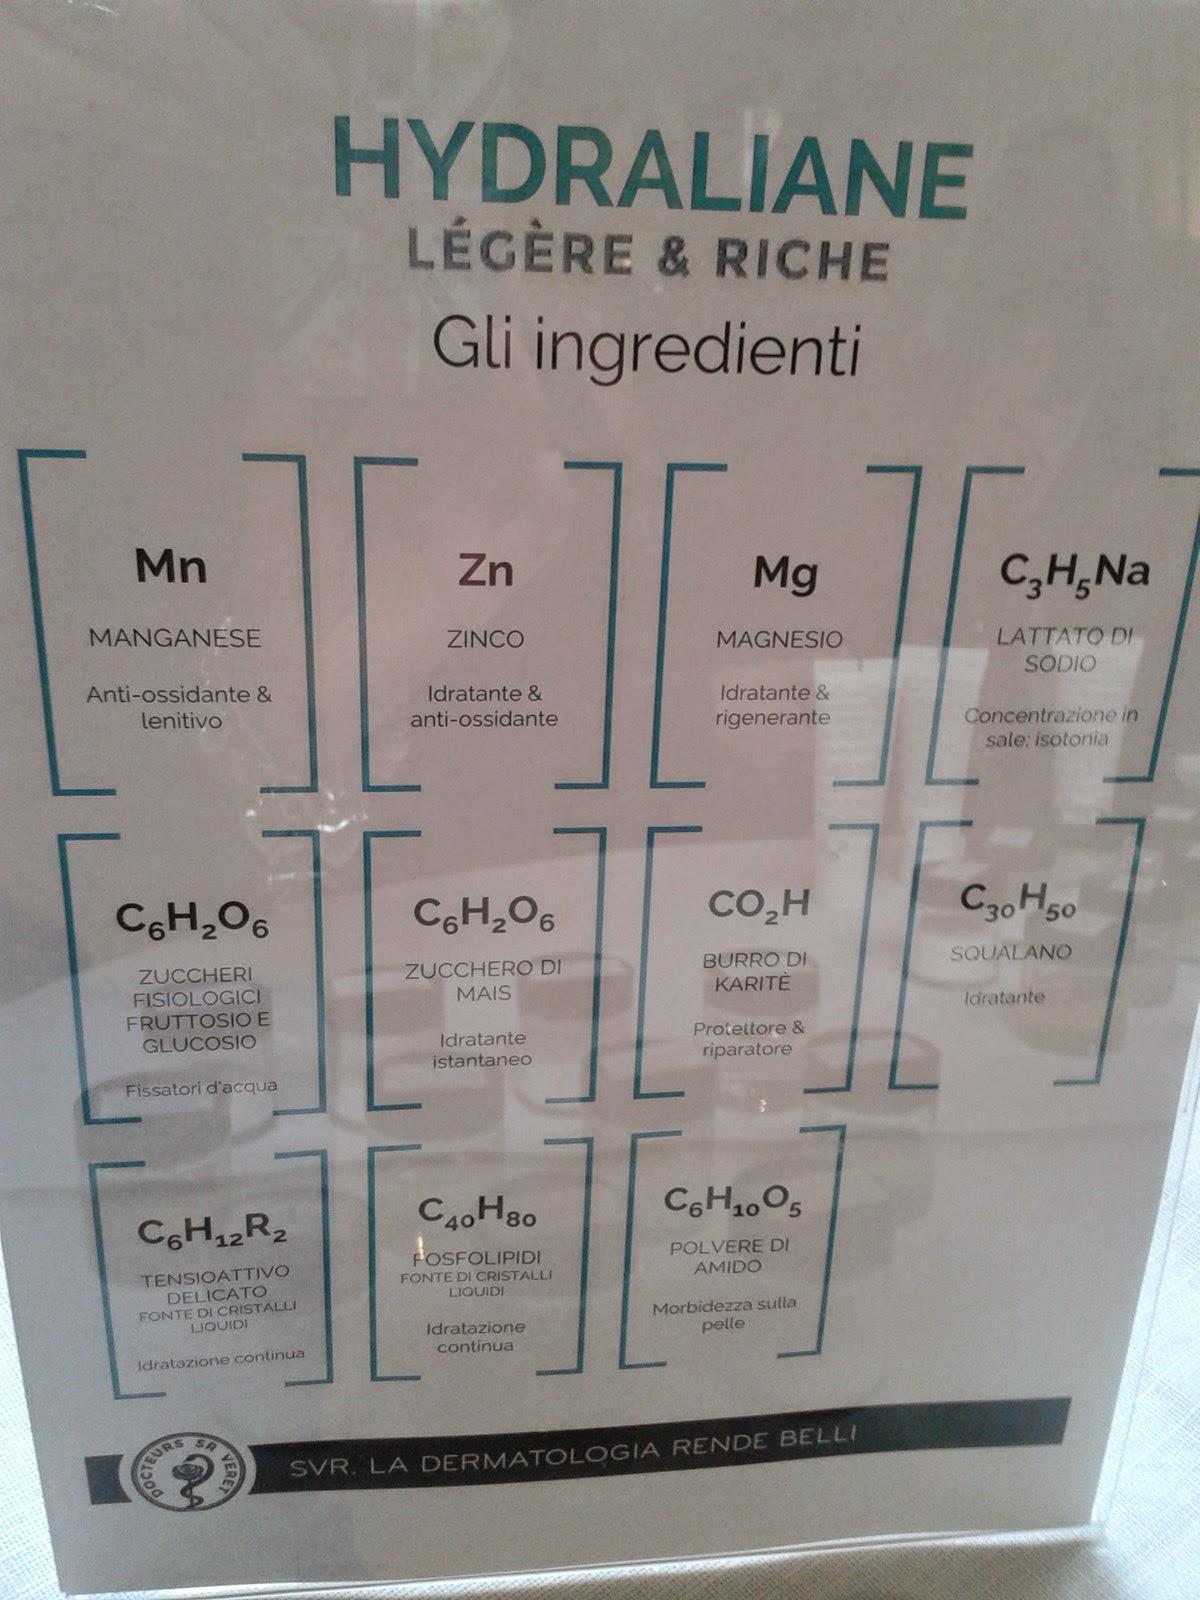 Hydraliane Laboratoire Dermatologique SVR